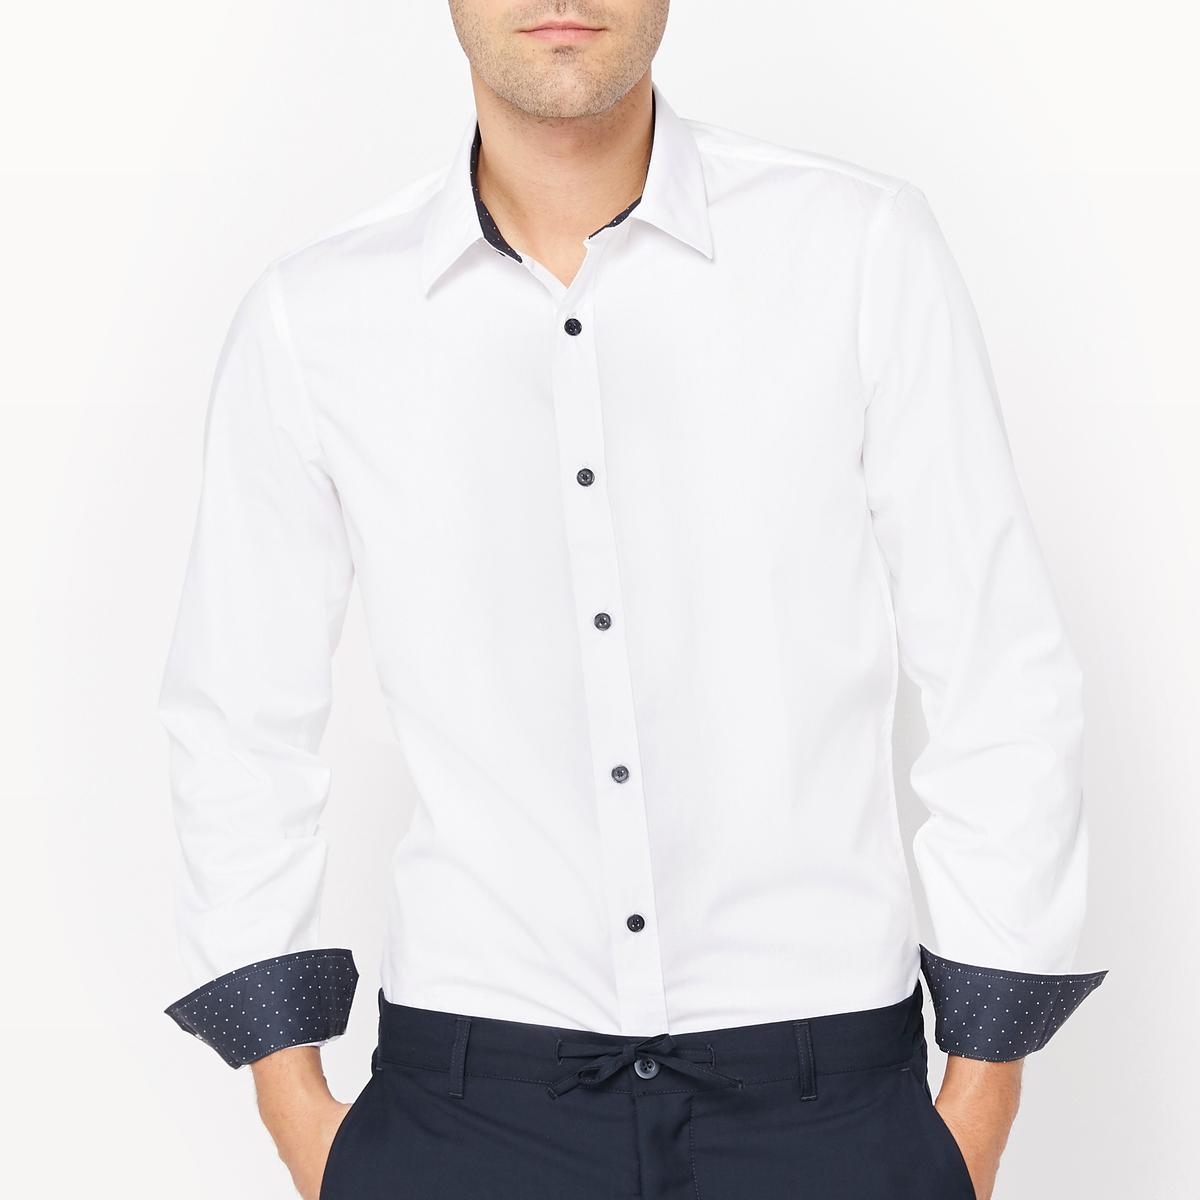 Рубашка узкого покрояРубашка. Детали с рисунком. Узкий покрой. длинные рукава. Итальянский воротник. Манжеты с застежкой на пуговицы.Состав и описаниеМатериал : 60% хлопка, 40% полиэстераДлина : 79 смМарка :      R ?ditionУходМашинная стирка при 30 °CСухая (химическая) чистка запрещенаОтбеливание запрещеноСтирка с вещами схожих цветовБарабанная сушка запрещена Гладить при средней температуре<br><br>Цвет: белый<br>Размер: 45/46